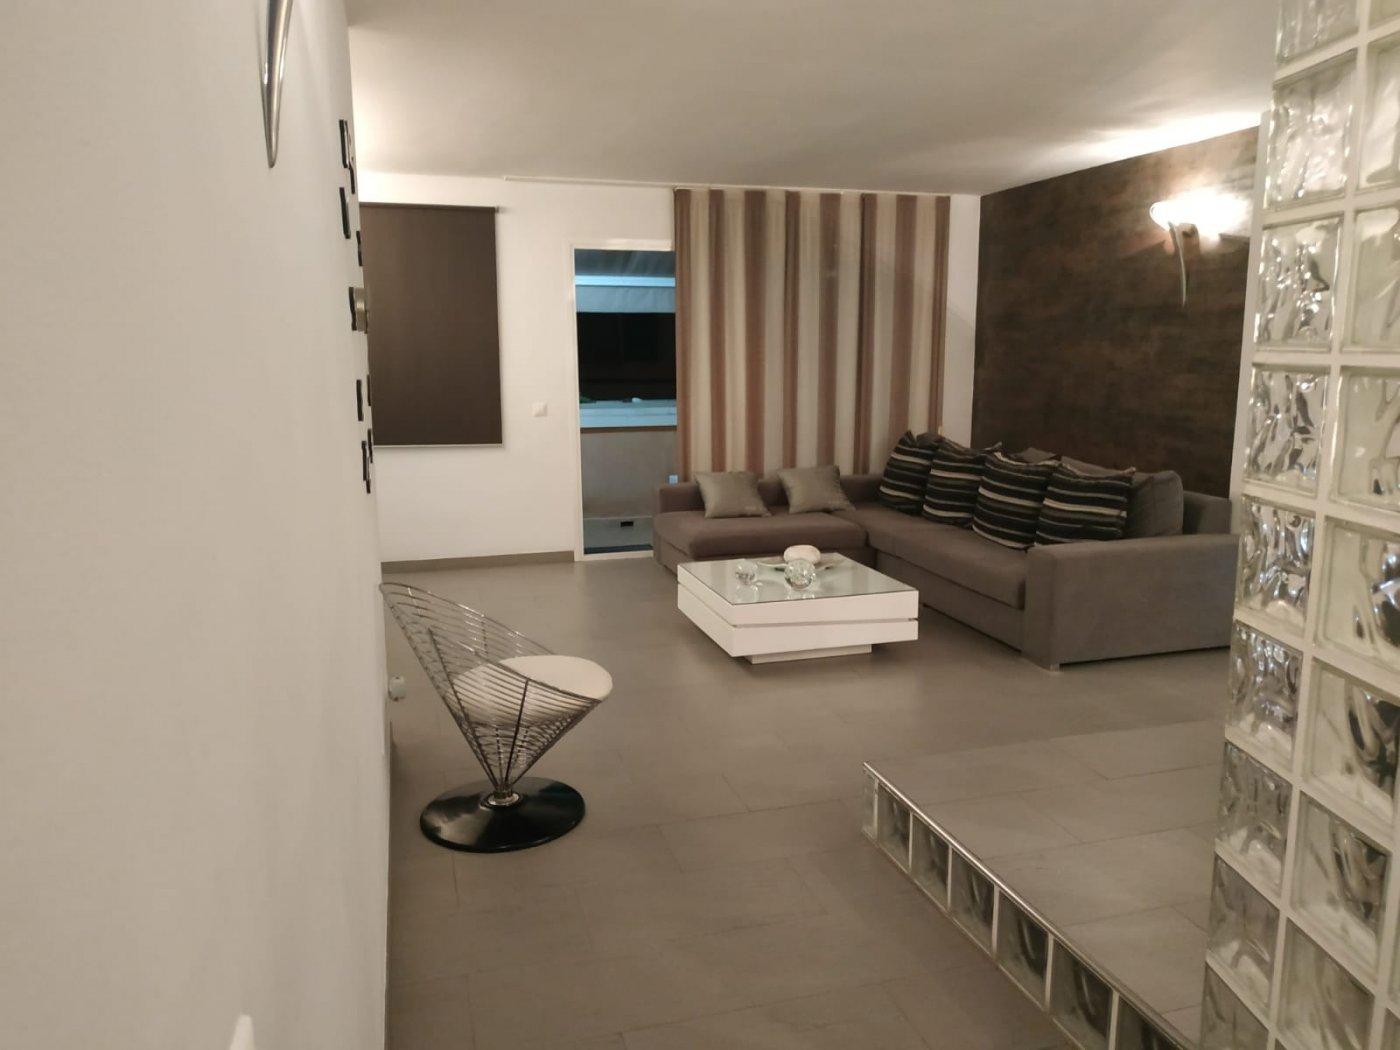 Se vende bonito apartamento semi nuevo con parking en andratx - imagenInmueble2